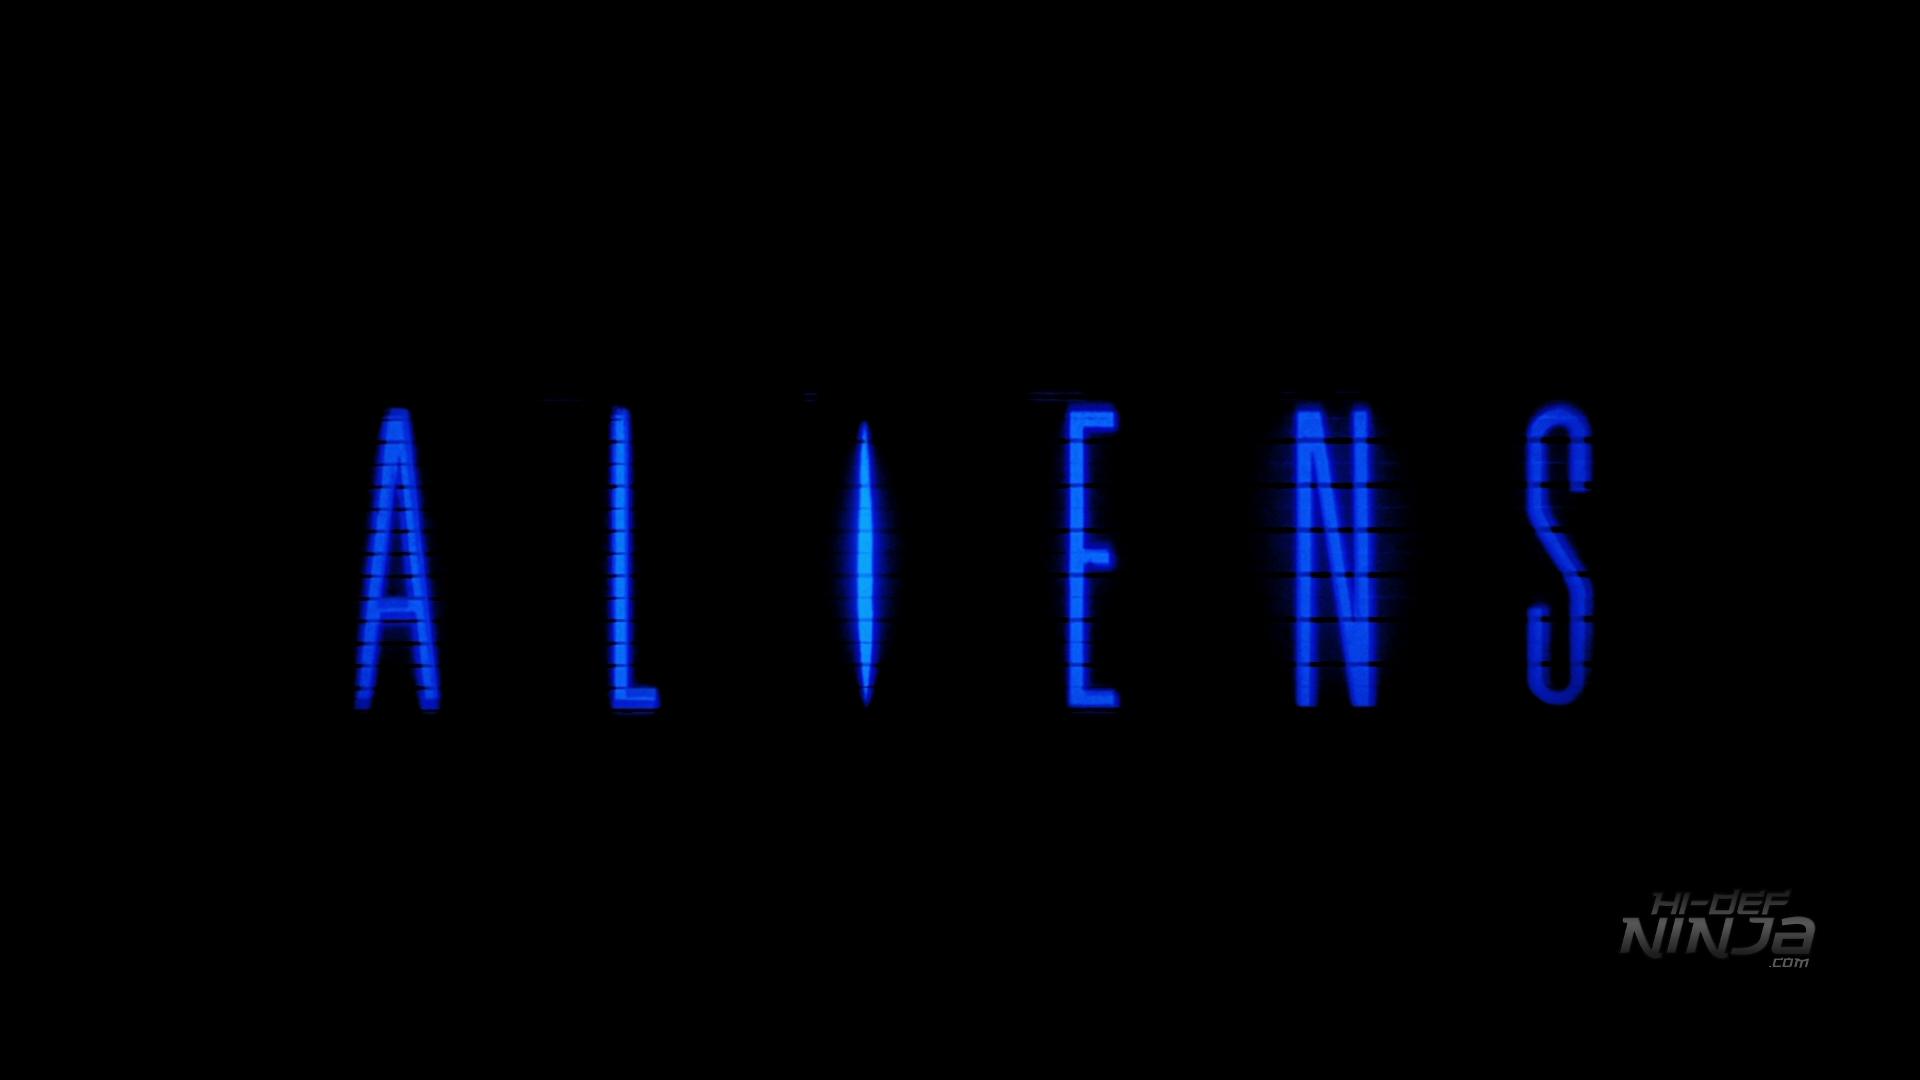 Aliens-HiDefNinja (1)